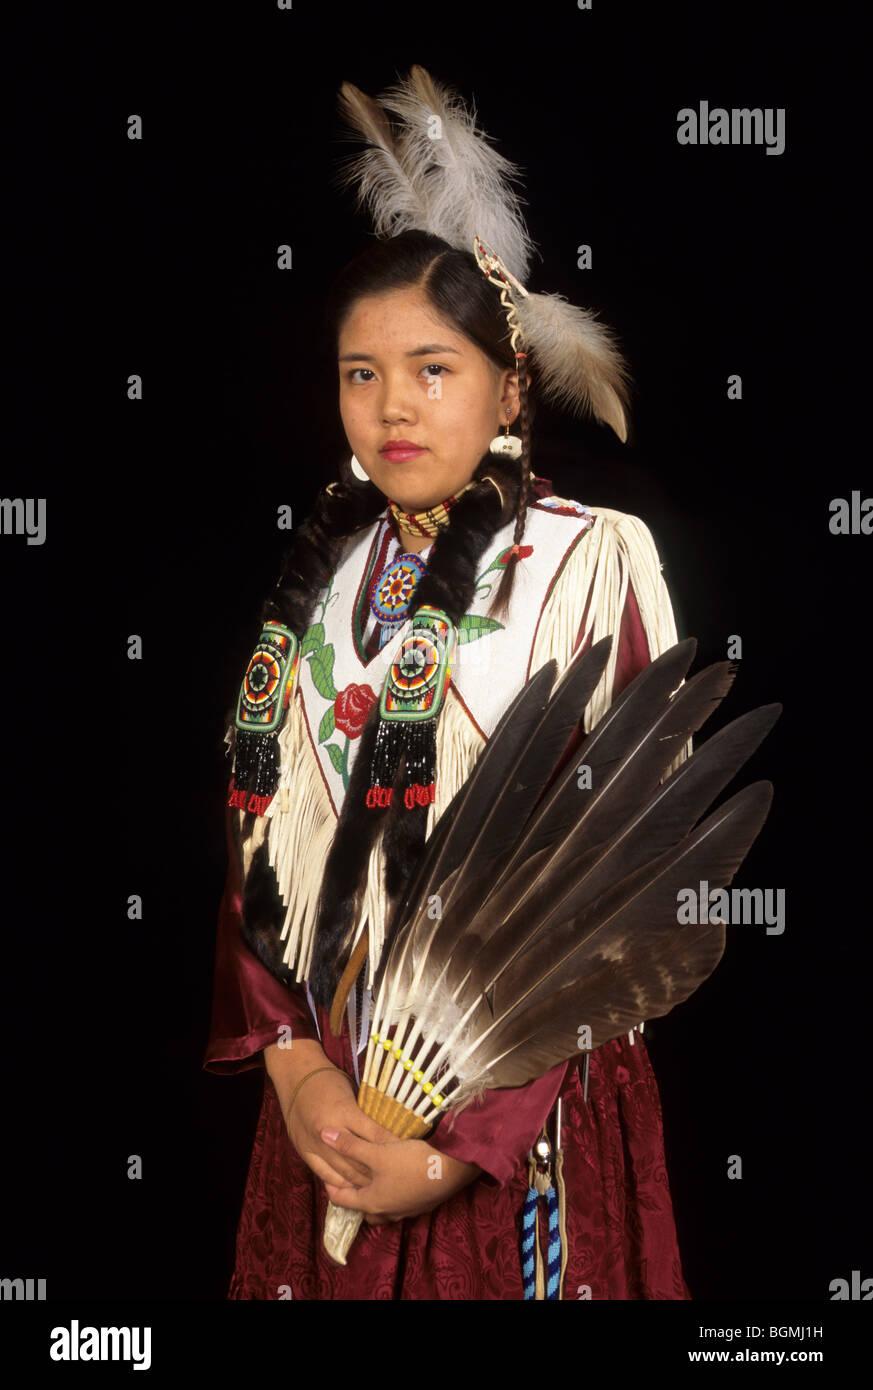 Kleid braun indianer